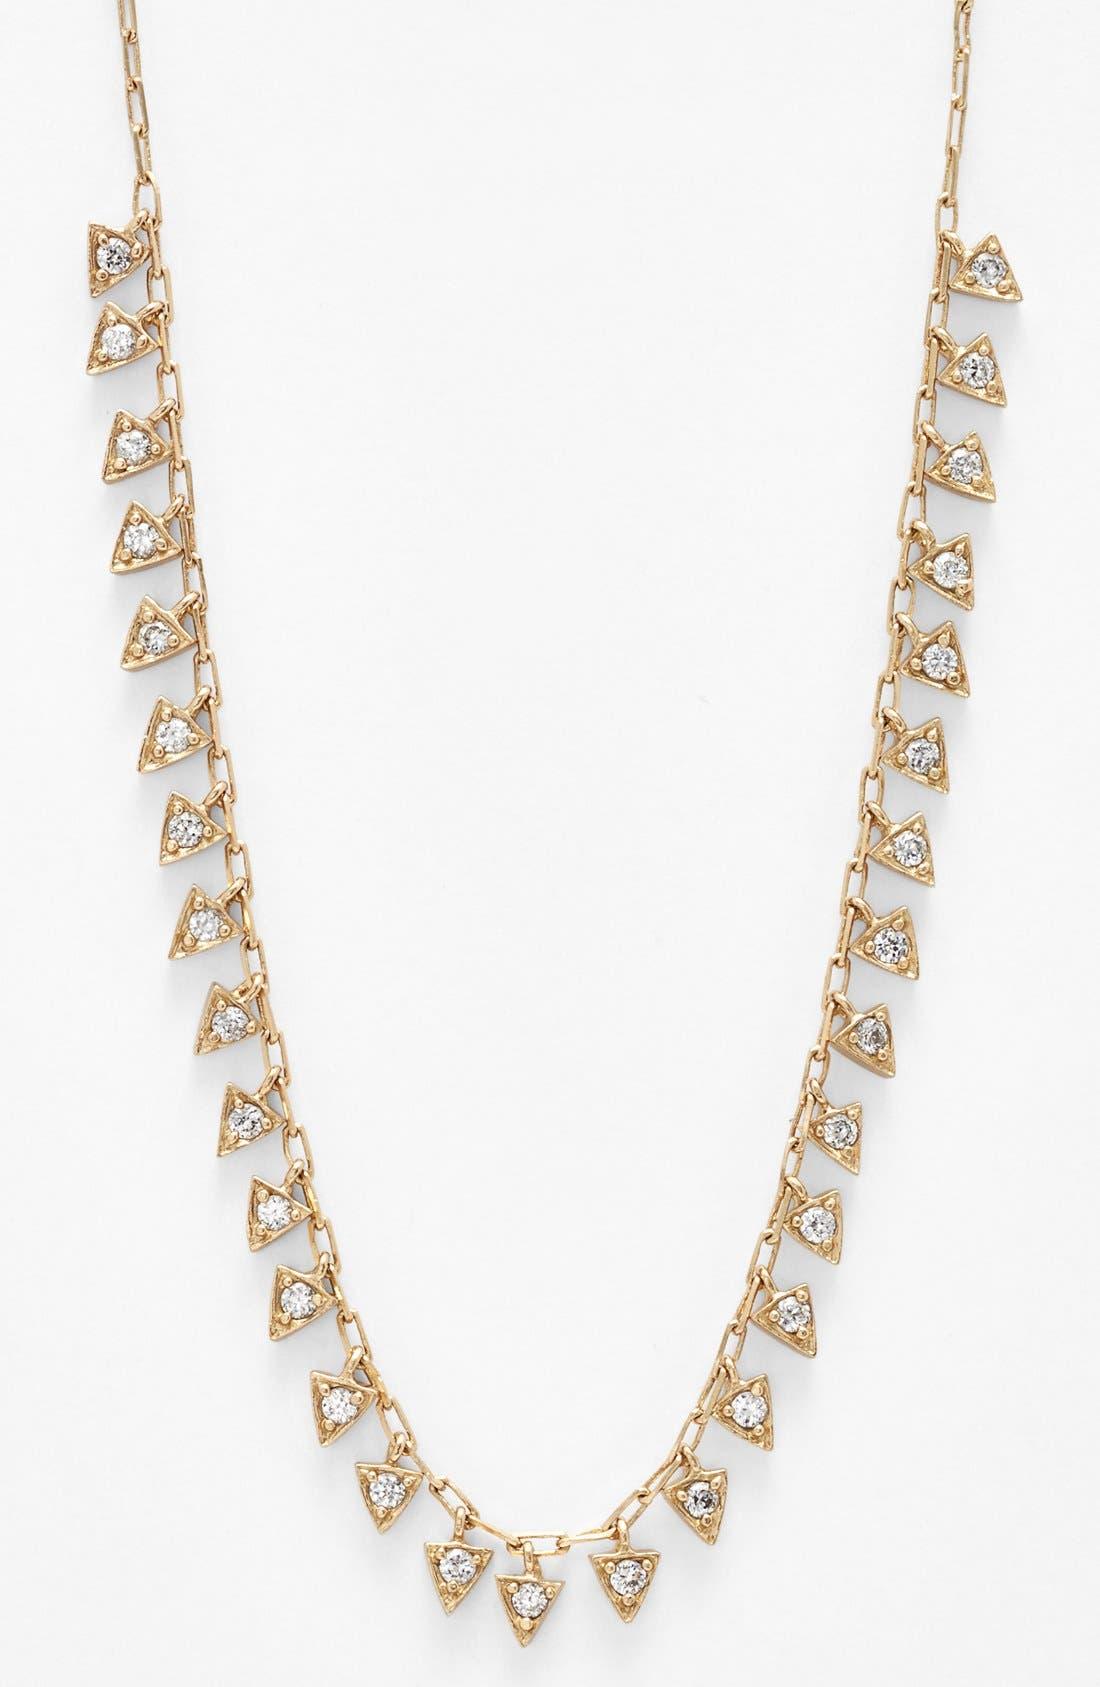 Alternate Image 1 Selected - Melinda Maria 'Pyramid - Mini Fringe' Frontal Necklace